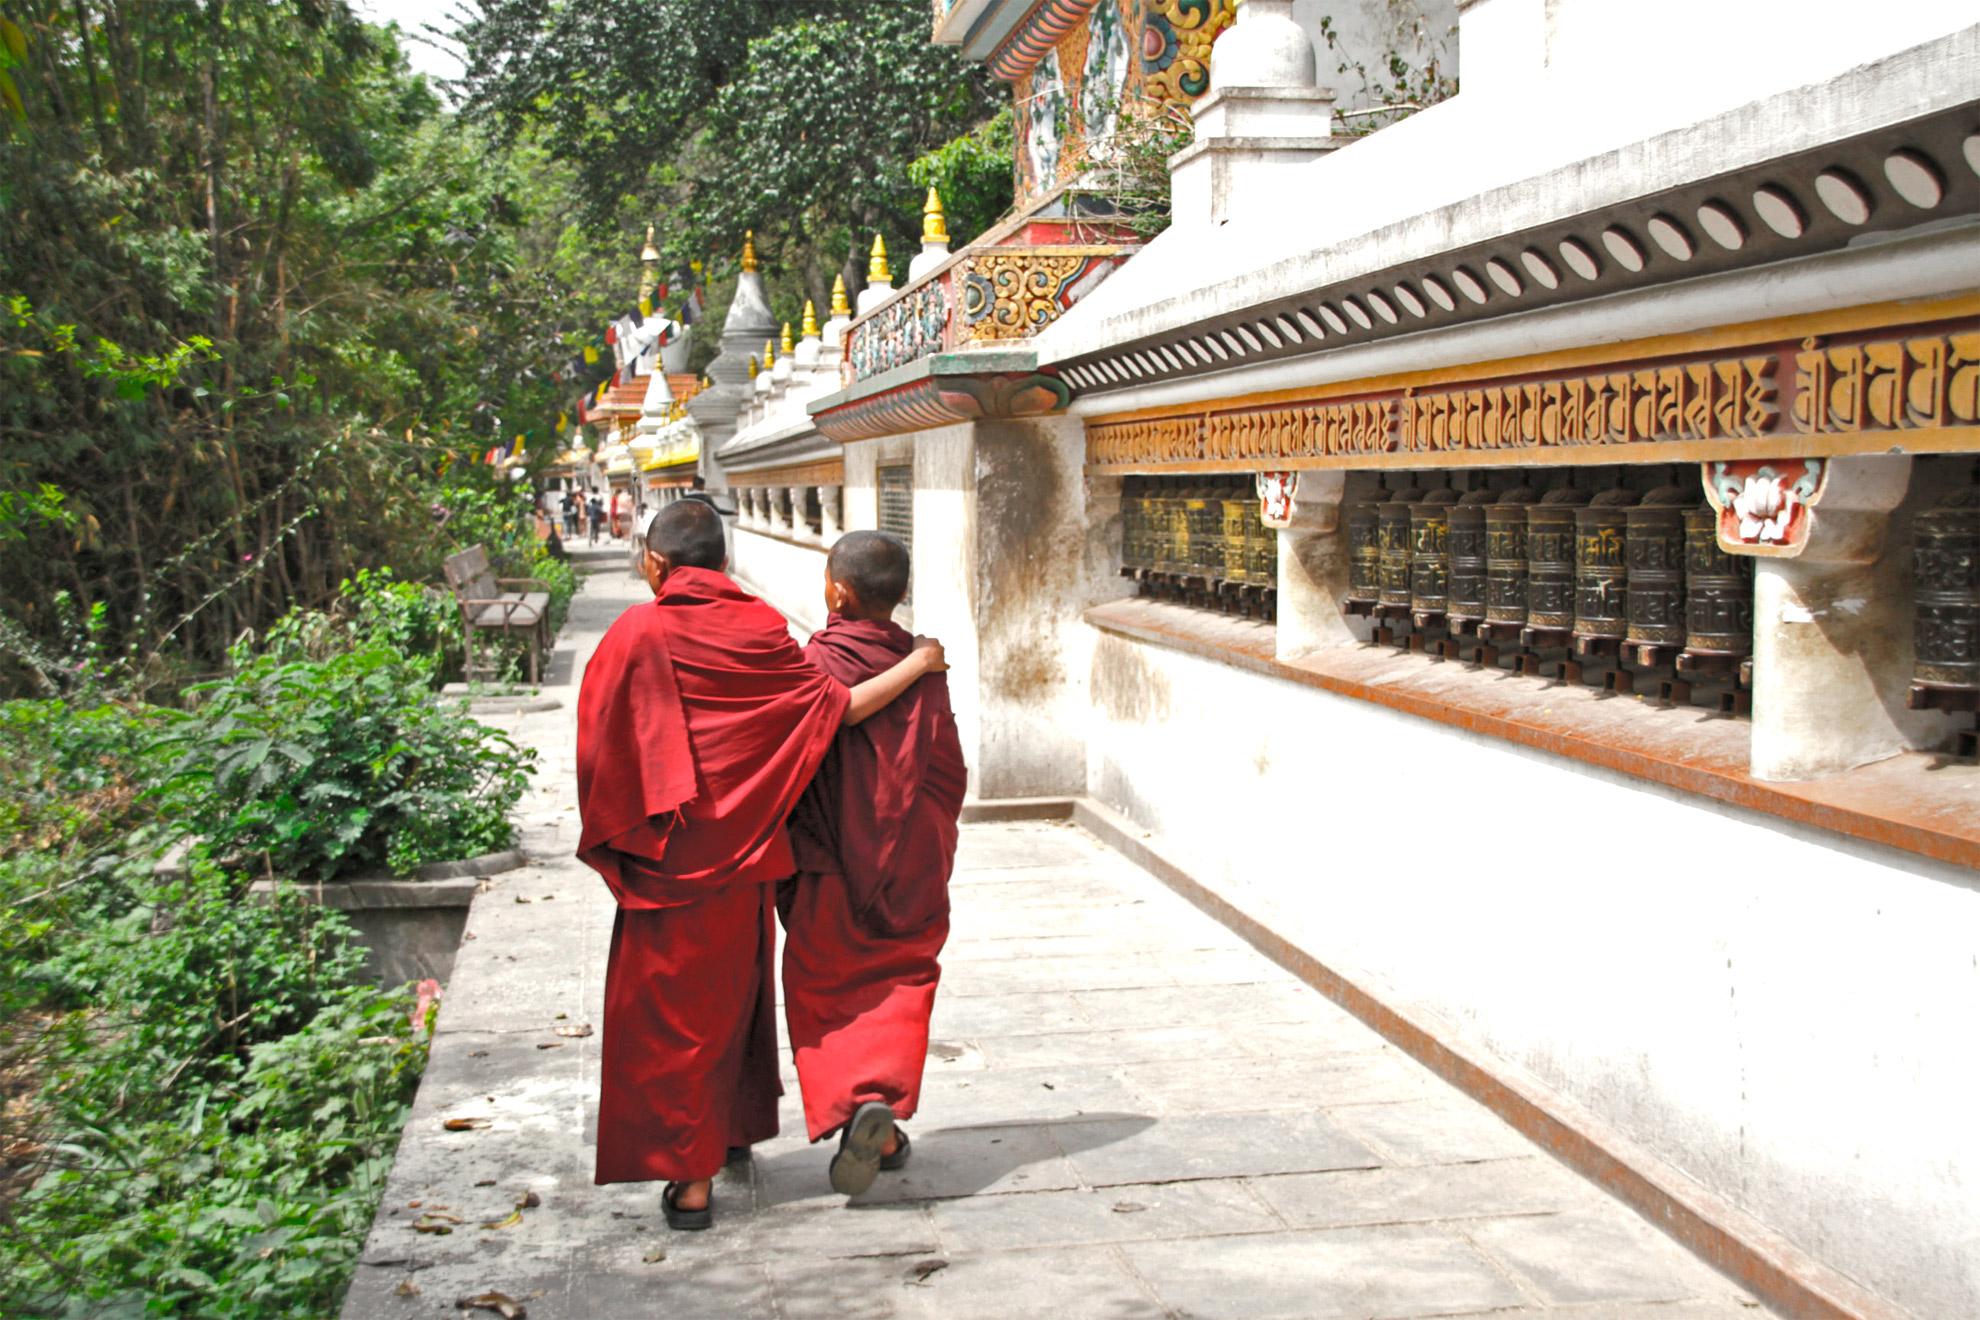 Les petits moines de Swayambudnath à Katmandou